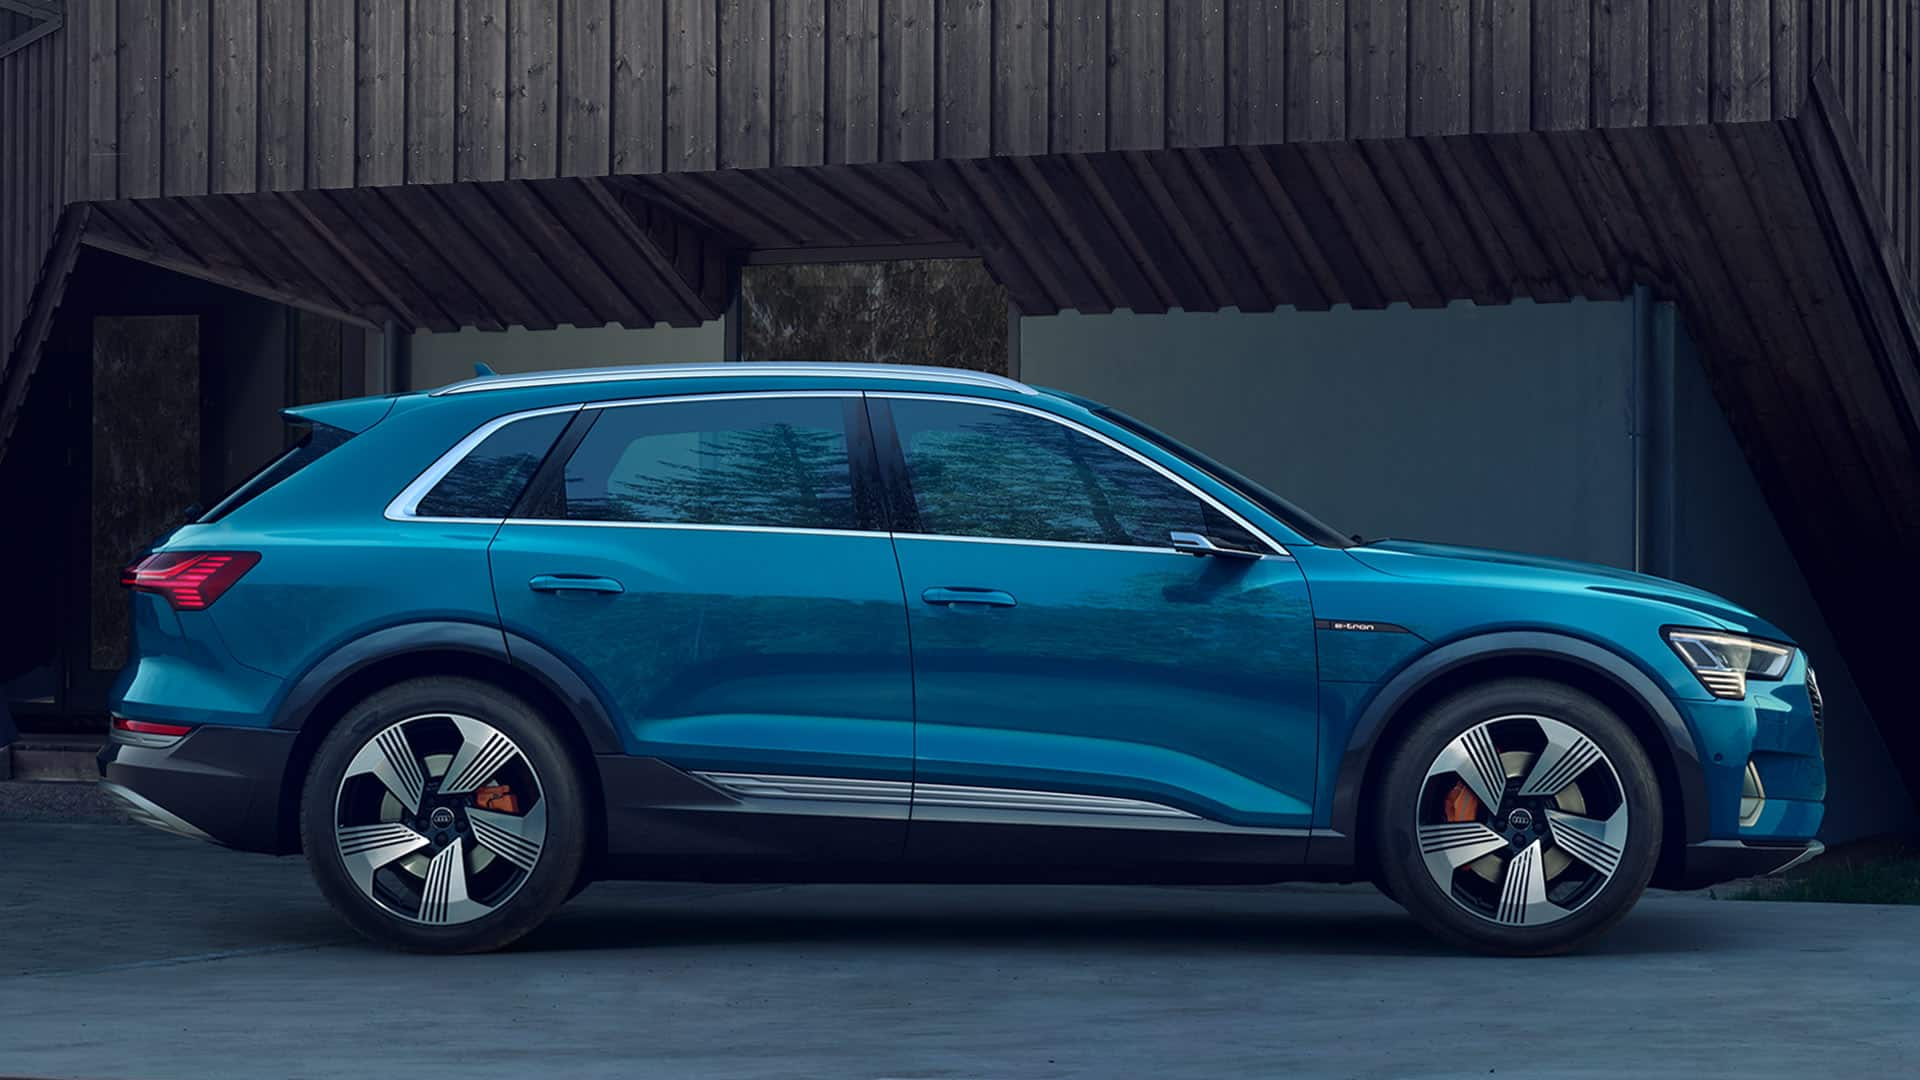 Audi E-tron > Tron > Audi Ireland